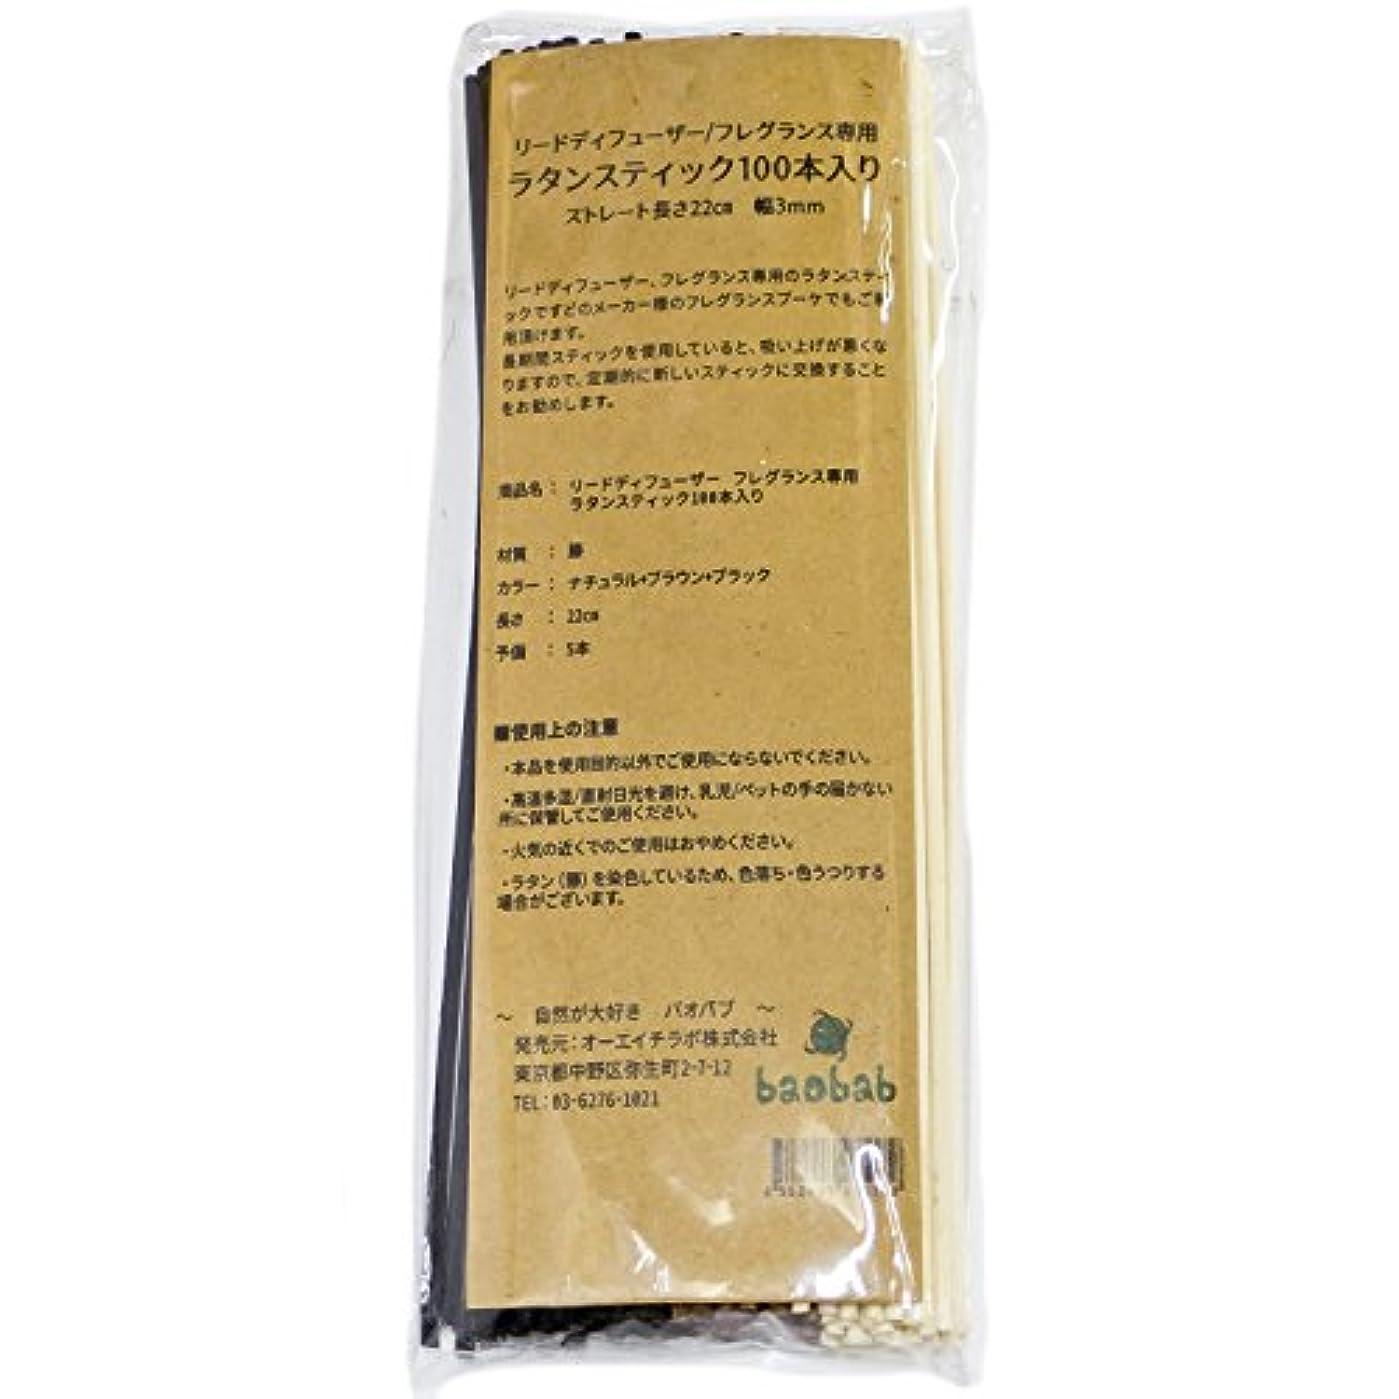 まとめる食い違い動脈baobab(バオバブ) リードディフューザー用 リードスティック リフィル [ラタン スティック] 22㎝ 100本 (ナチュラル/ブラック/ブラウン)